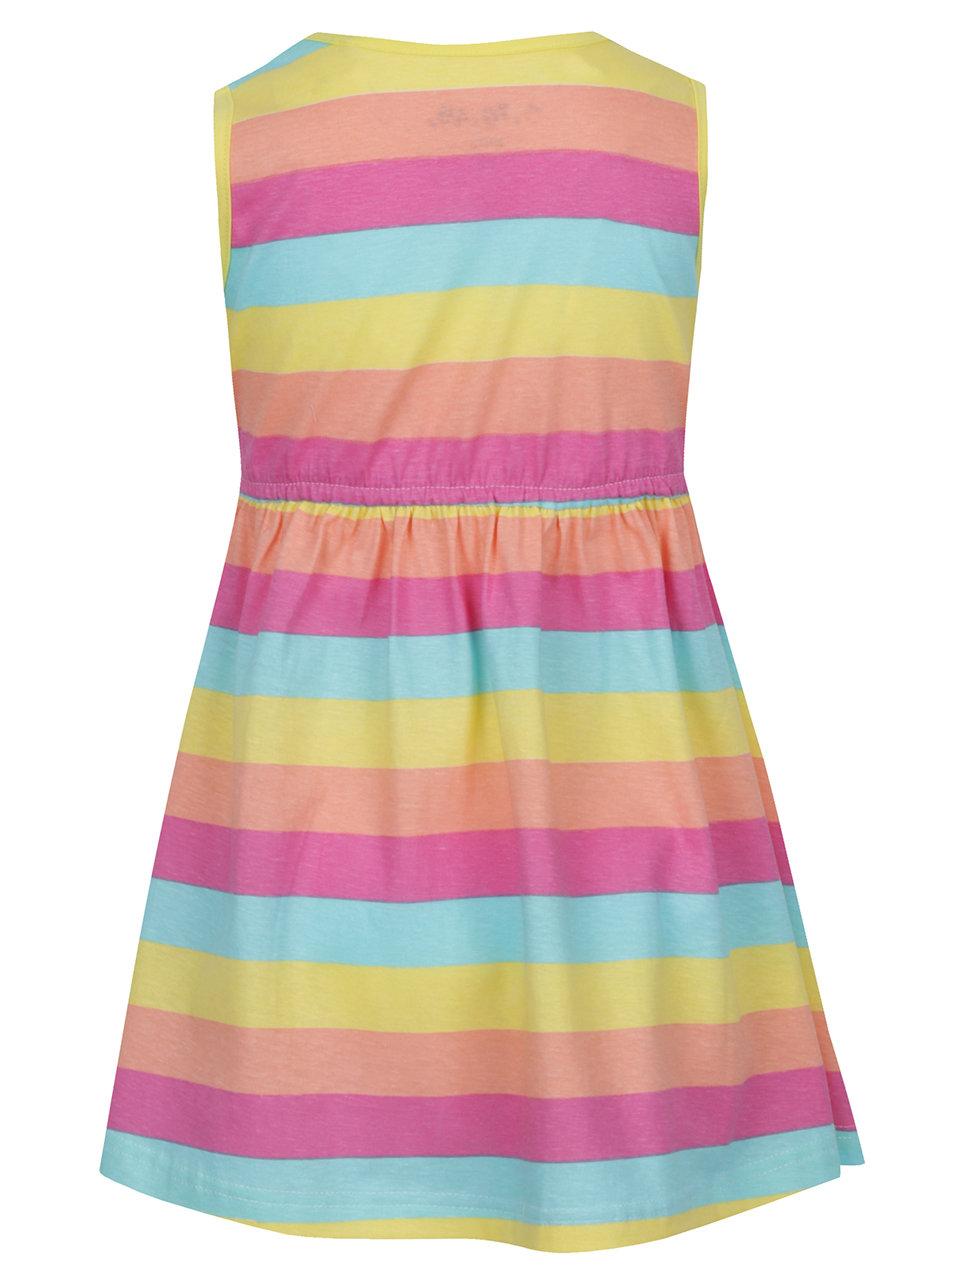 Žlto-ružové dievčenské pruhované šaty s vreckami 5.10.15.  0aa70005a7e